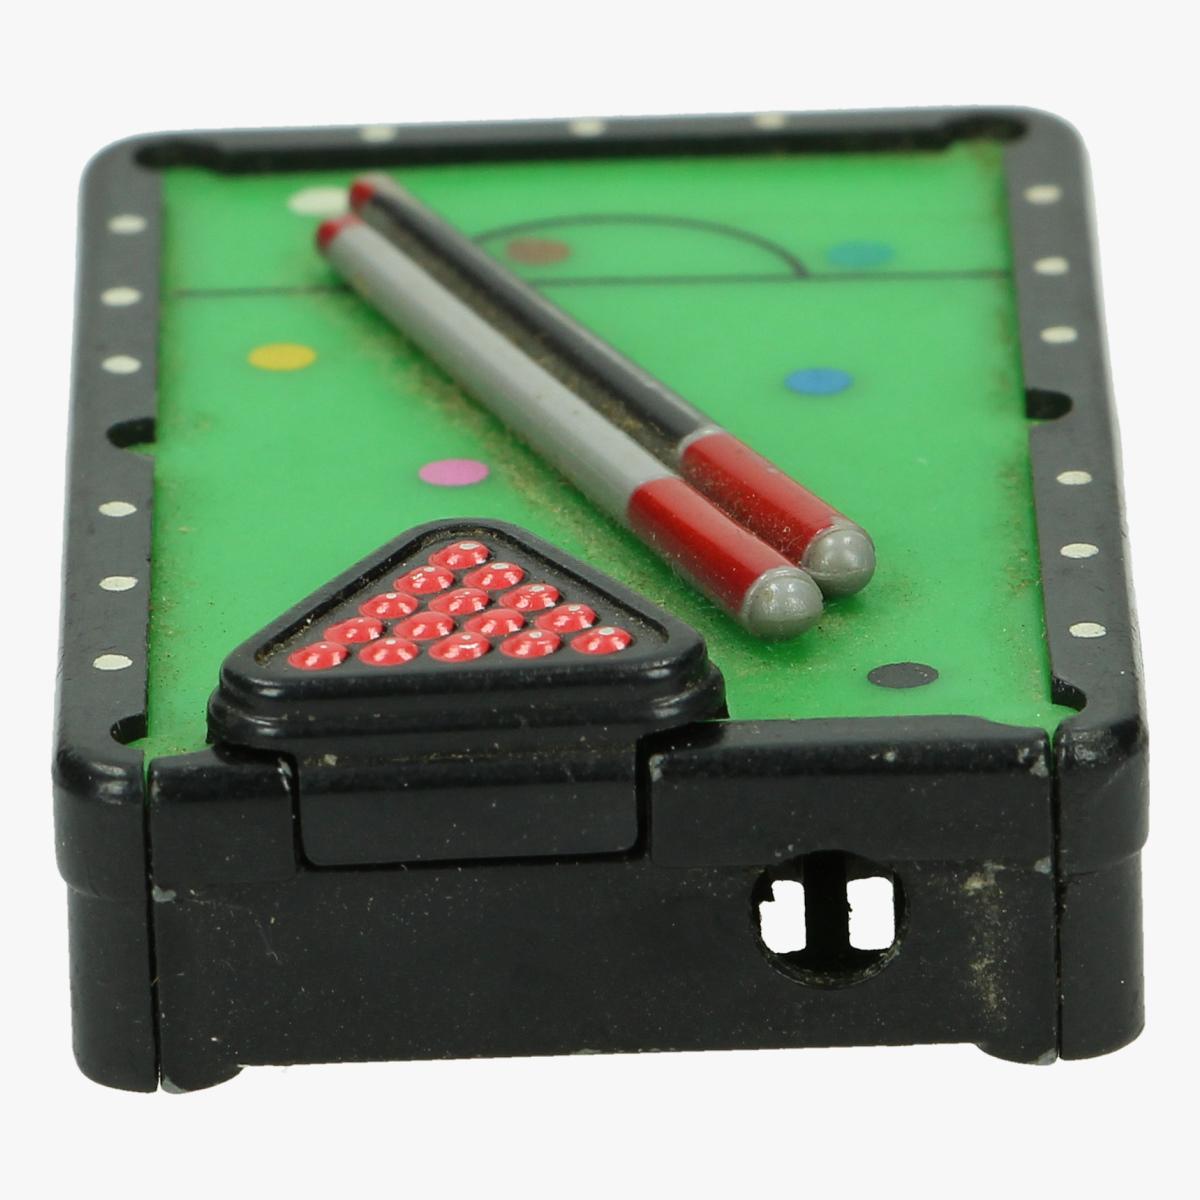 Afbeeldingen van oude aansteker snookertafel